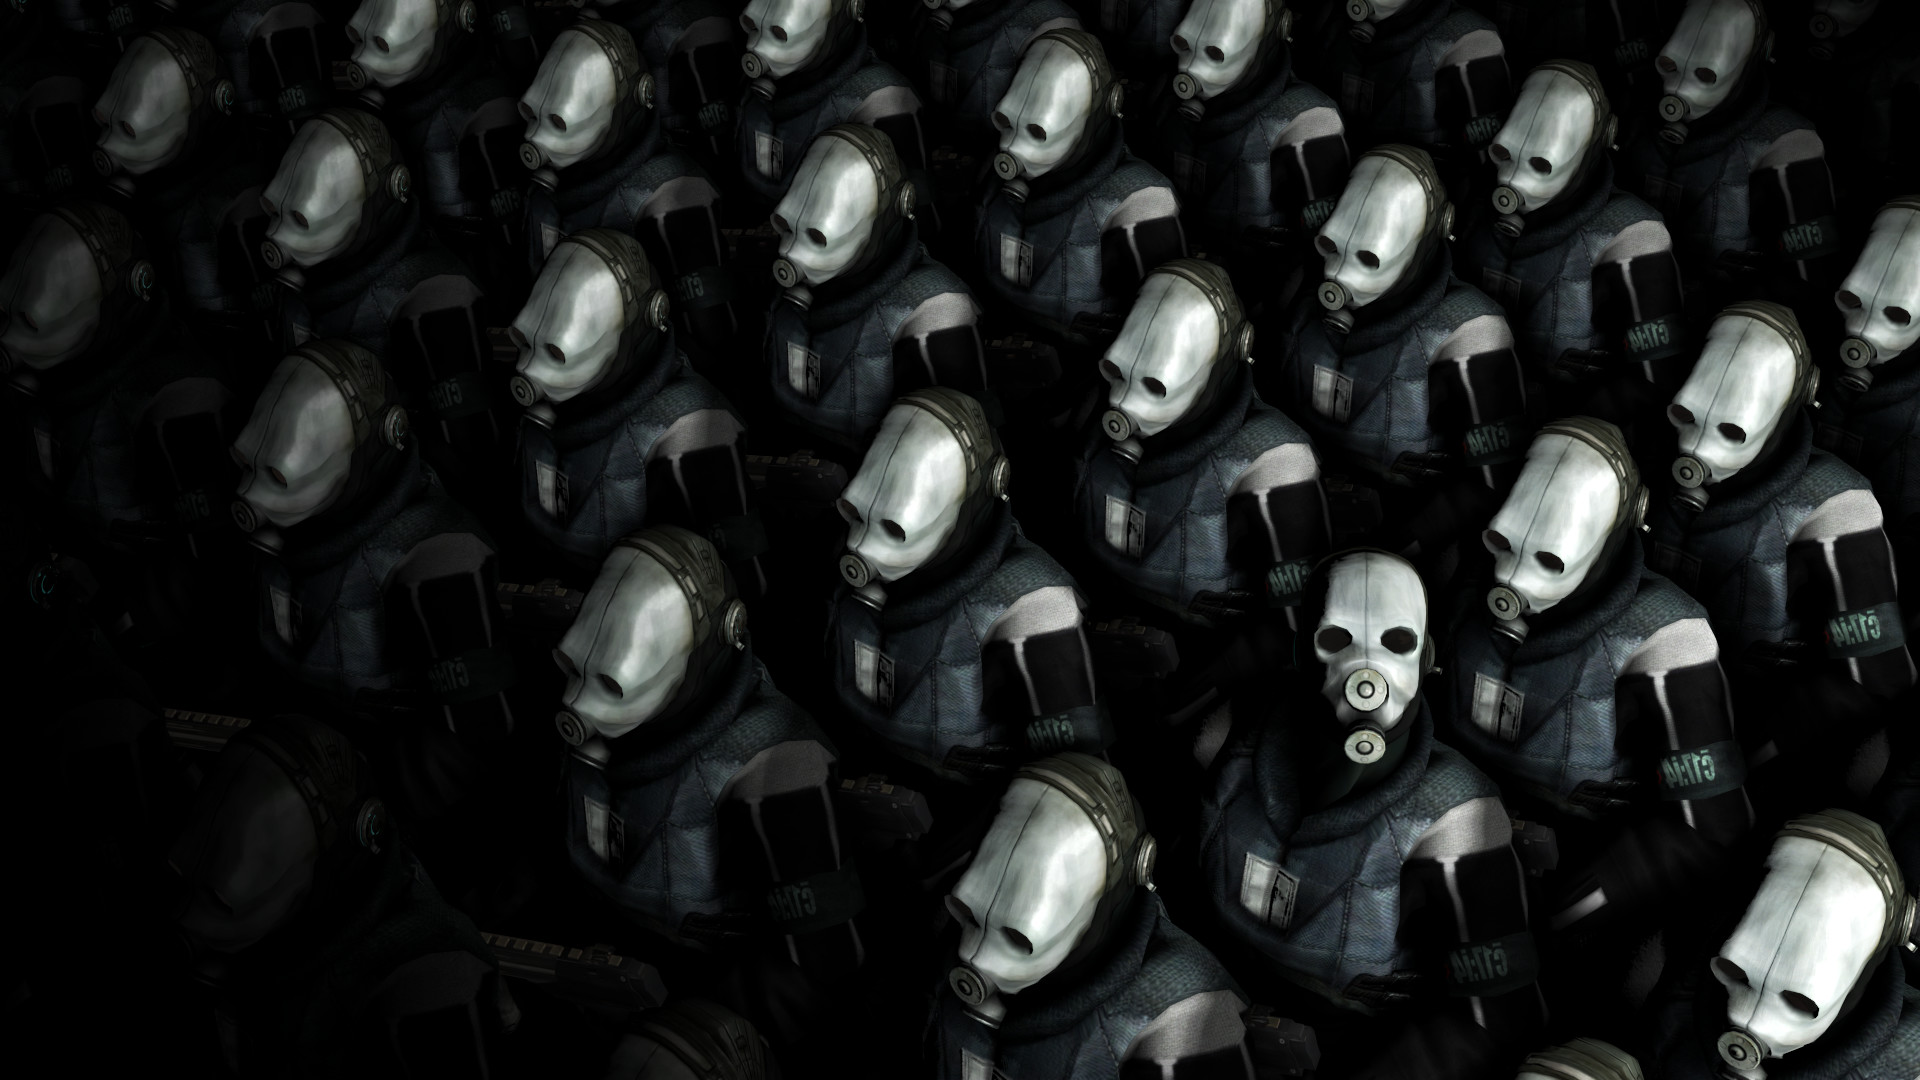 Half Life 2 Combine Wallpaper